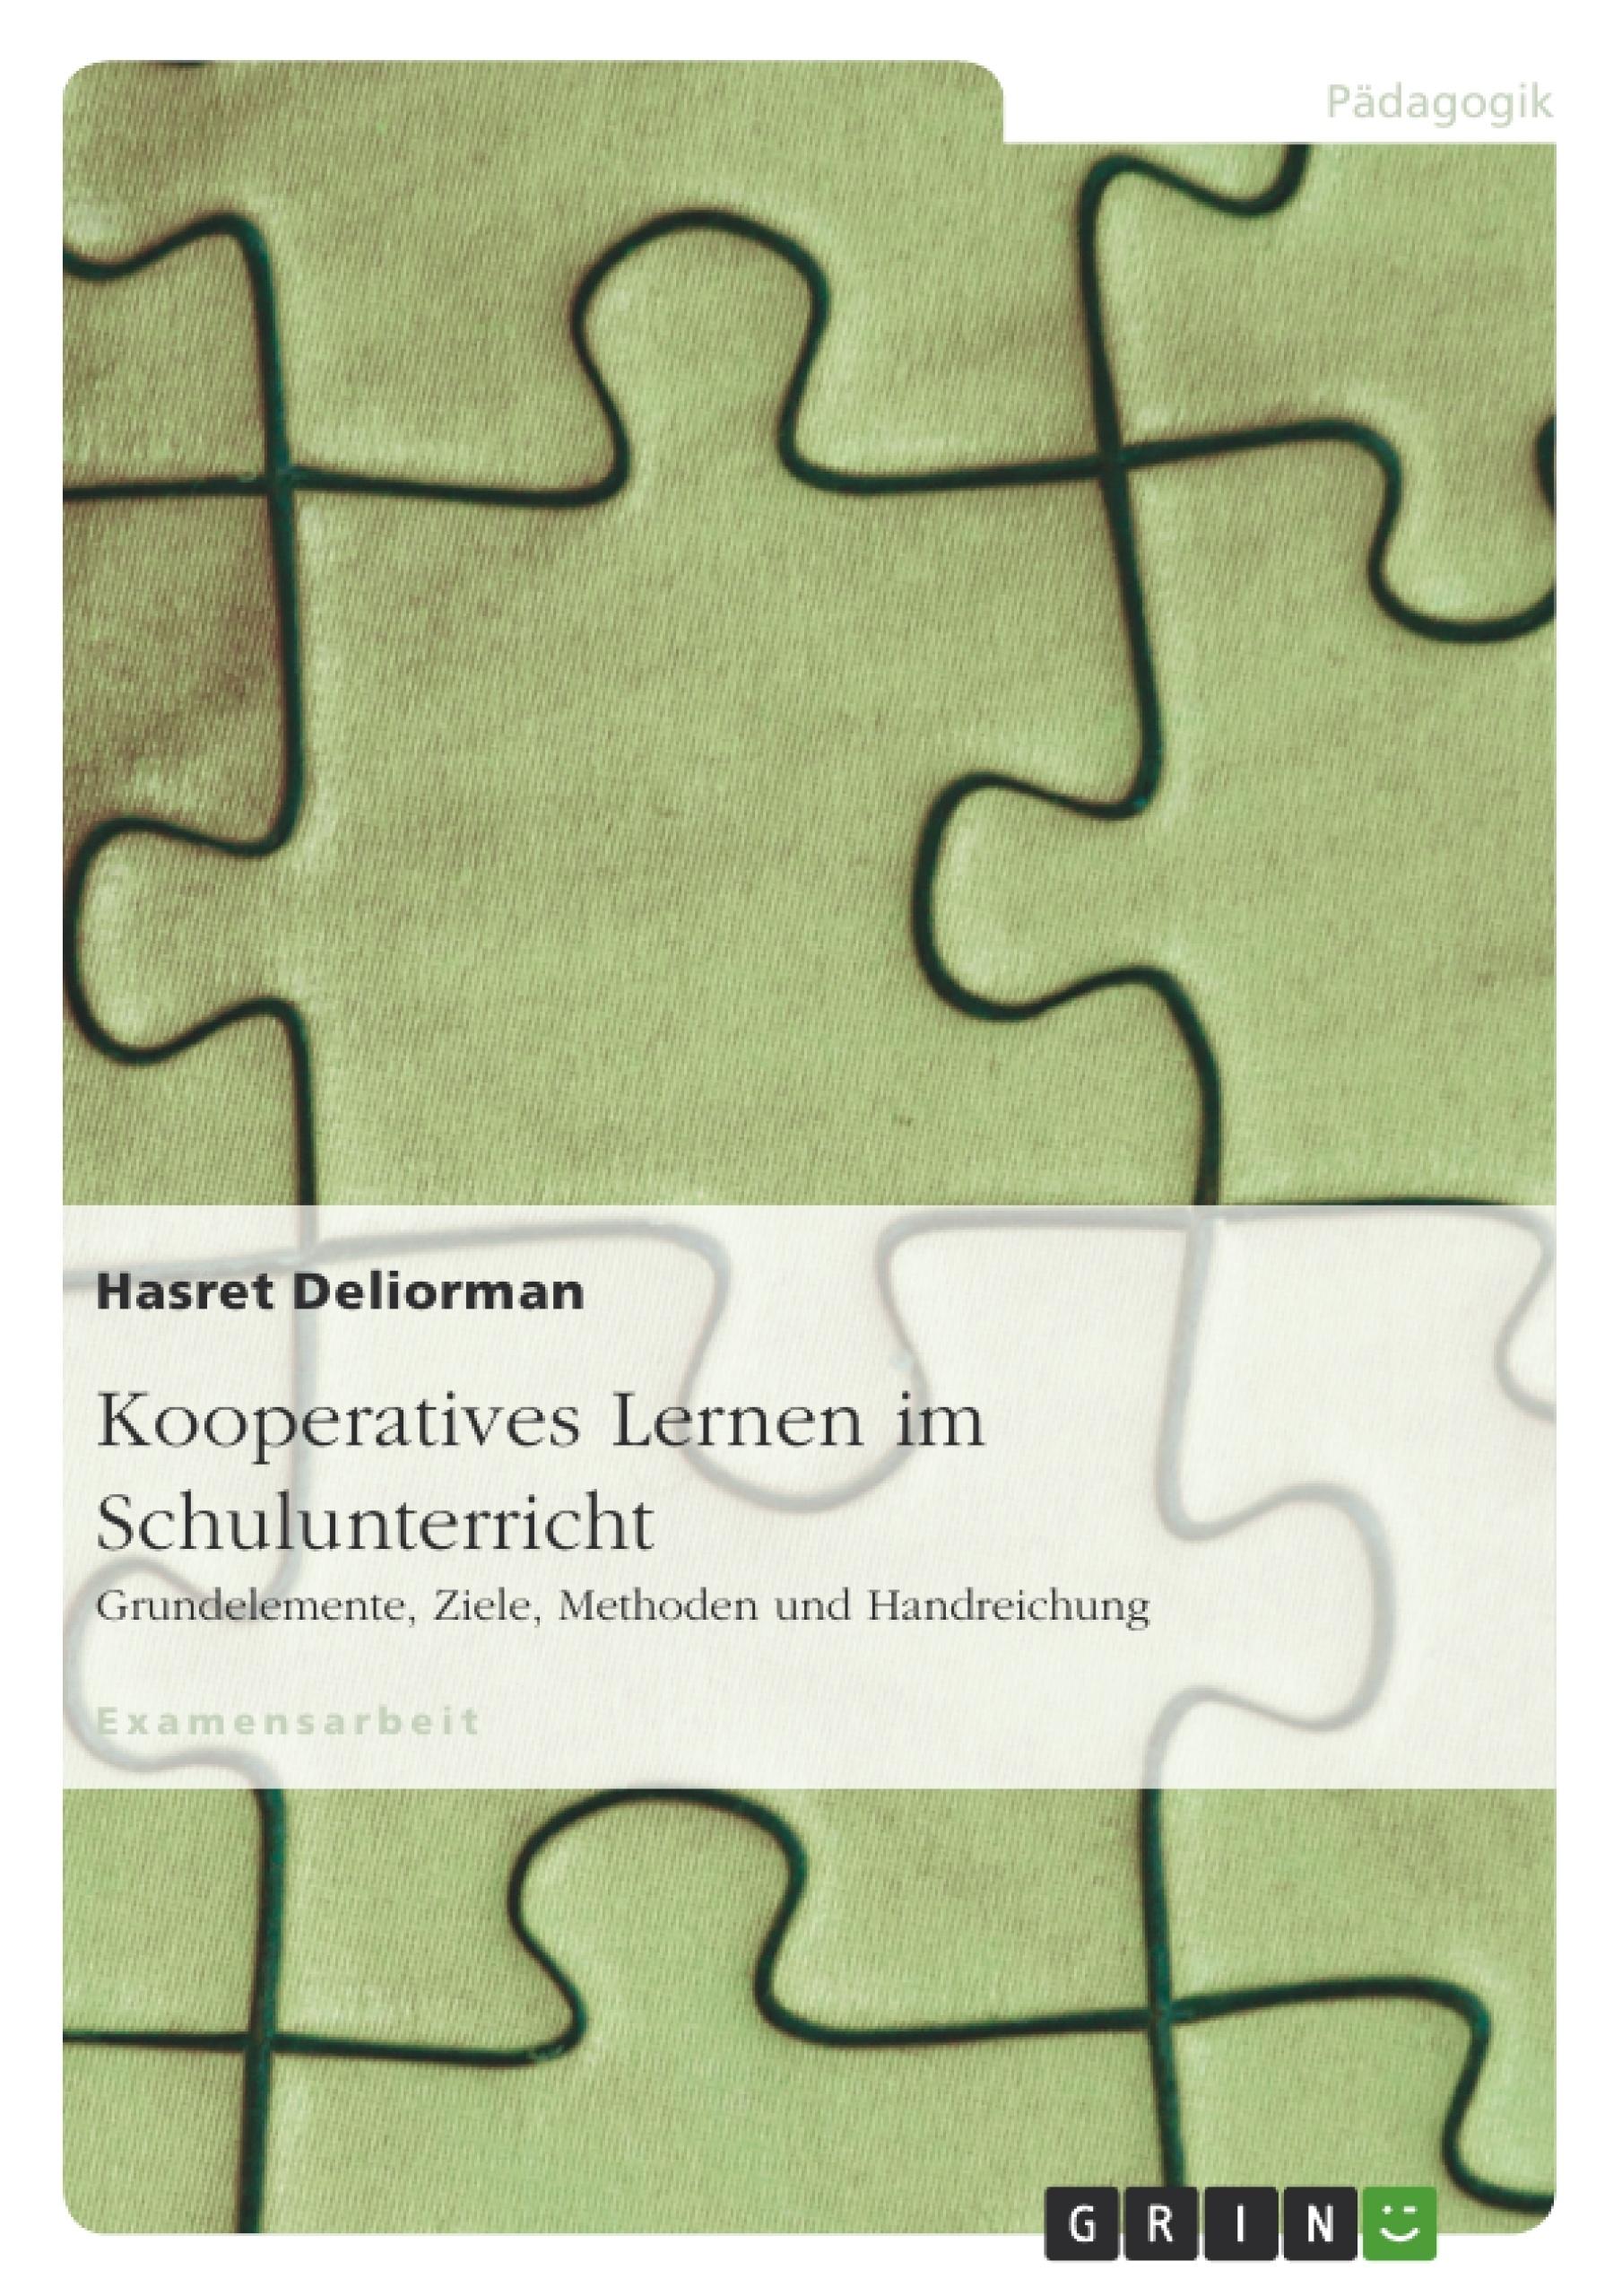 Titel: Kooperatives Lernen im Schulunterricht